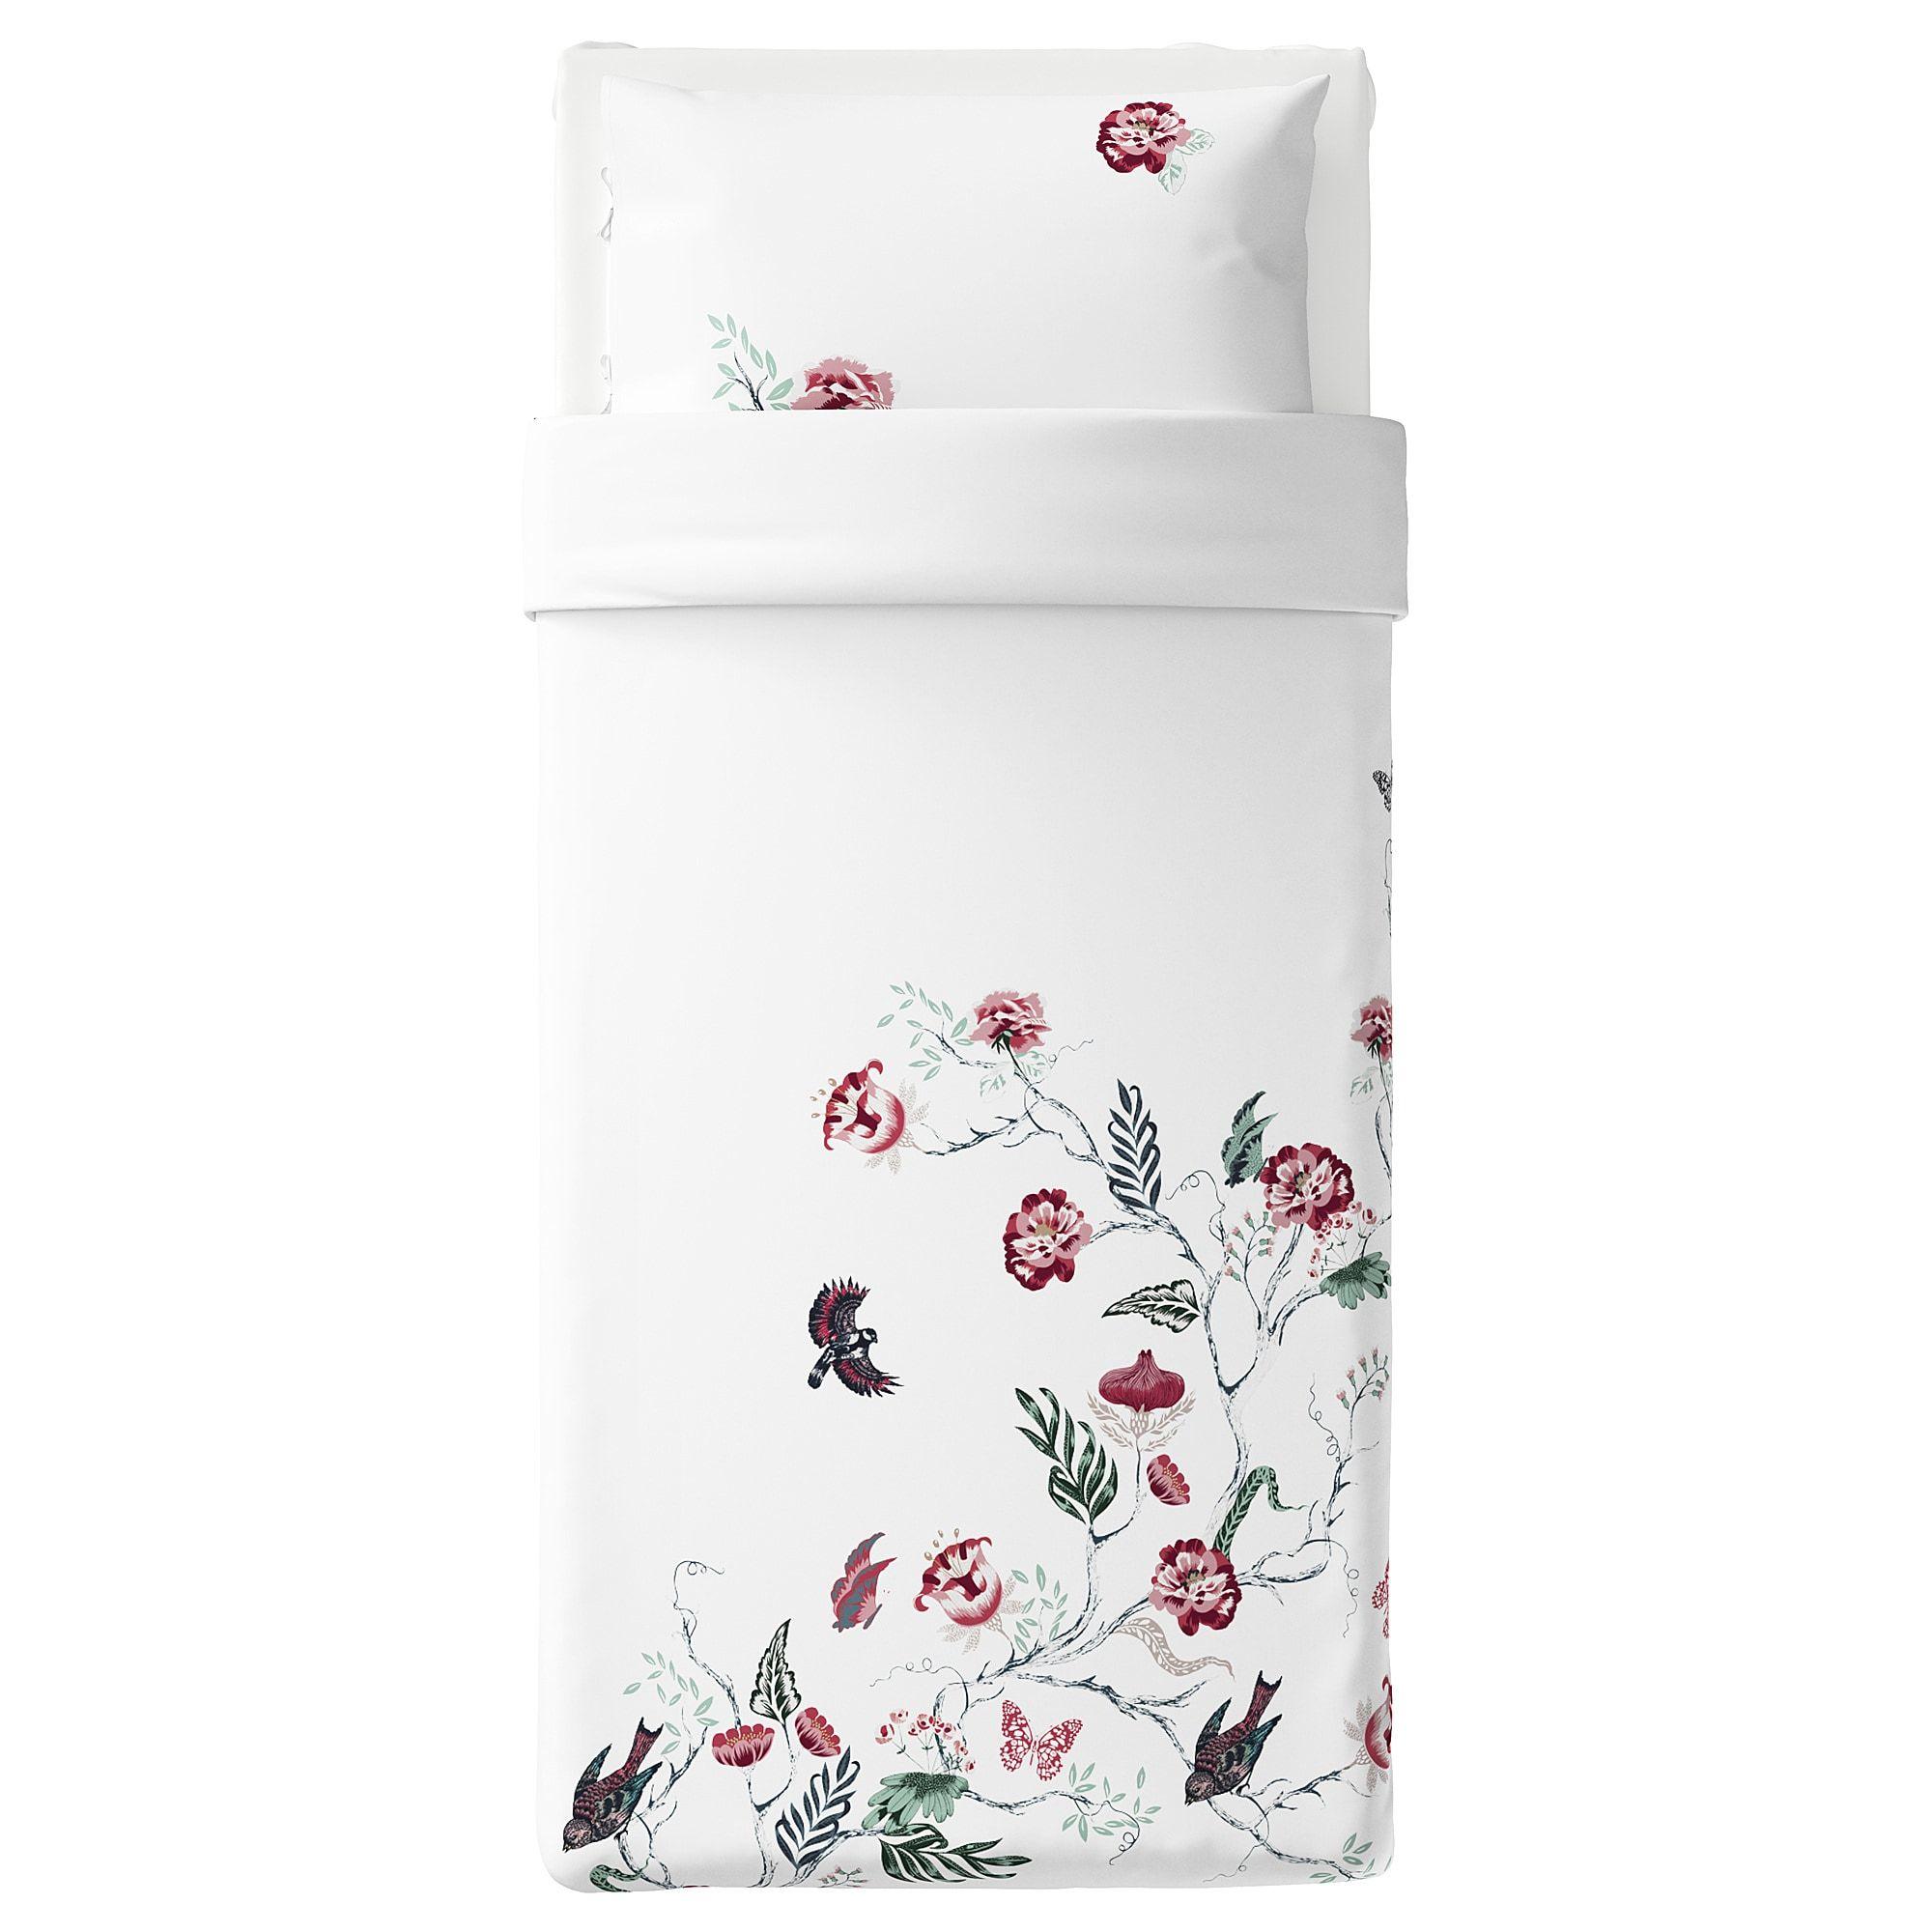 IKEA JÄTTELILJA Duvet cover and pillowcase(s) white